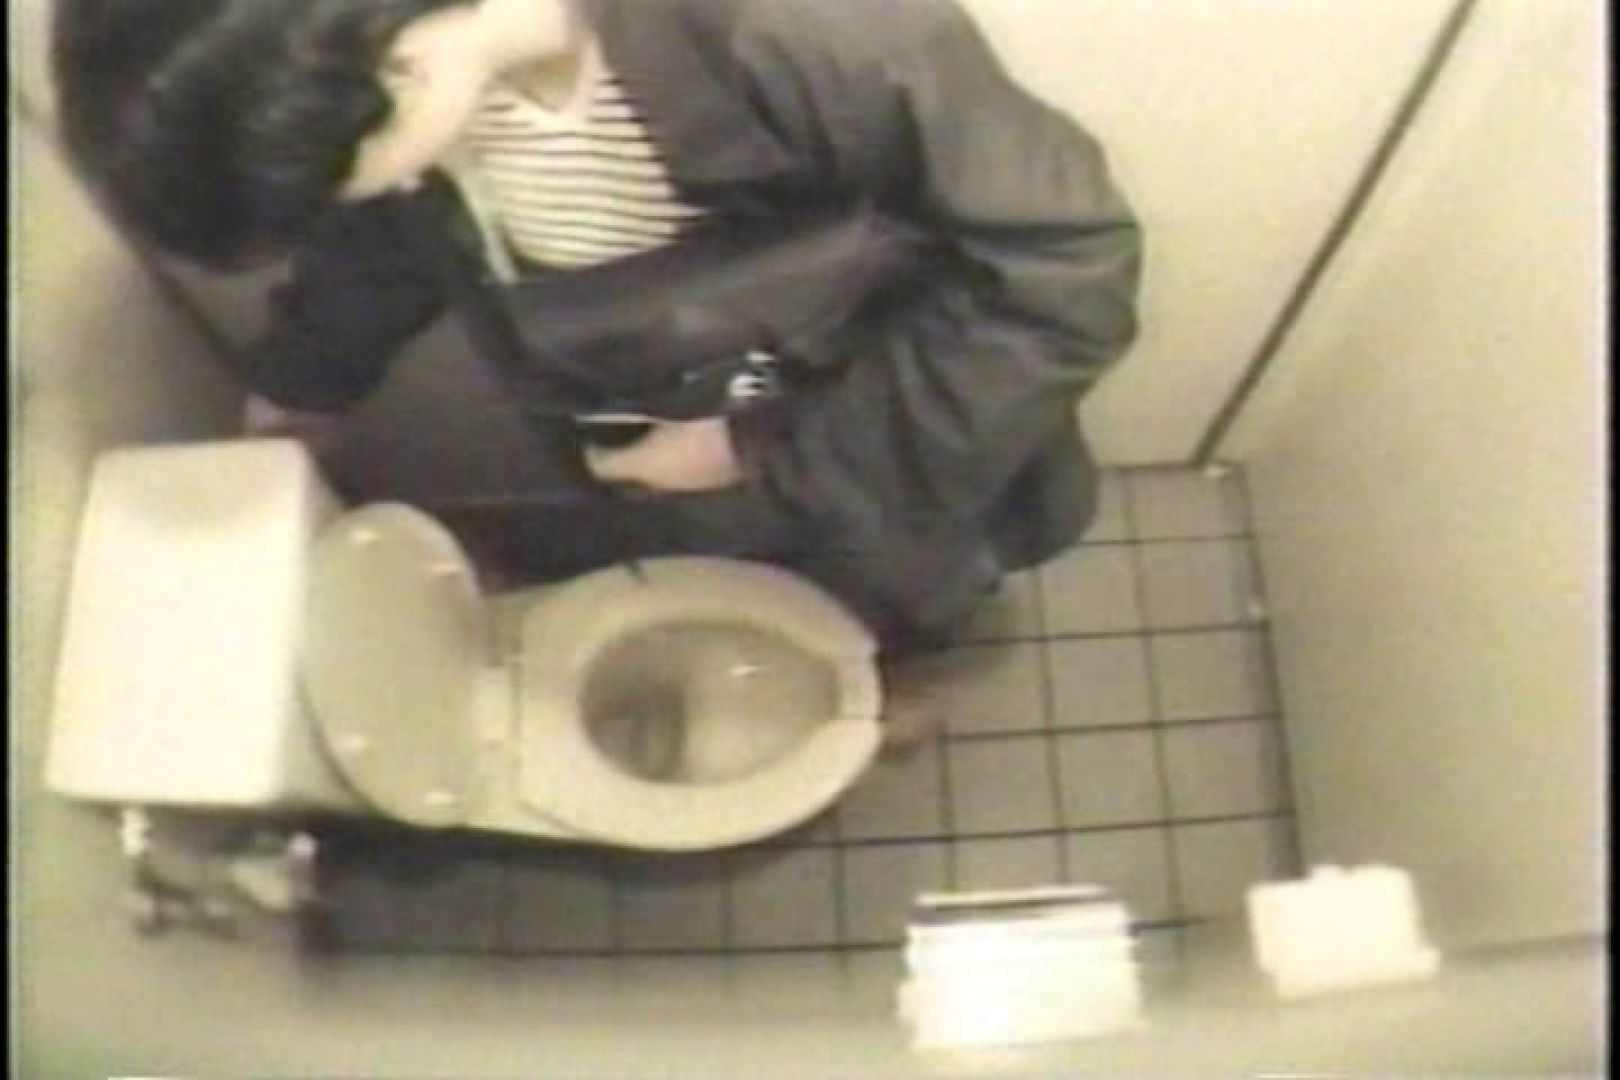 盗撮 女子洗面所3ヶ所入ってしゃがんで音出して  82枚